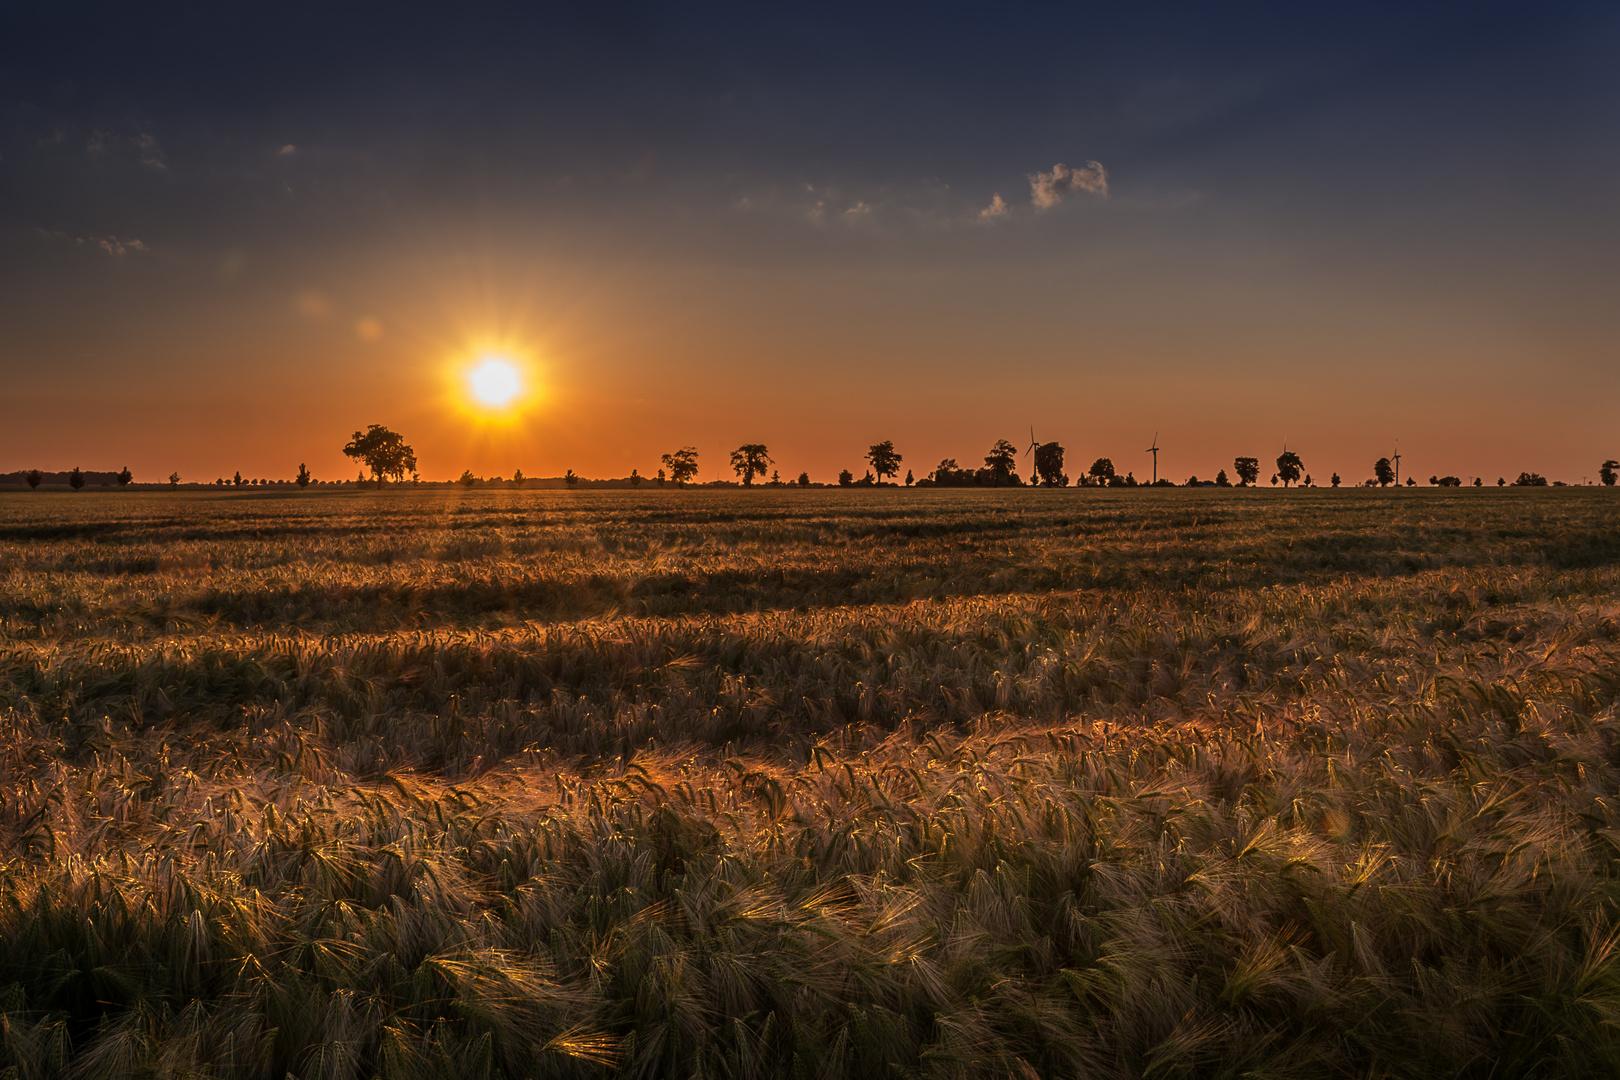 Auf dem Weg Richtung Sonne